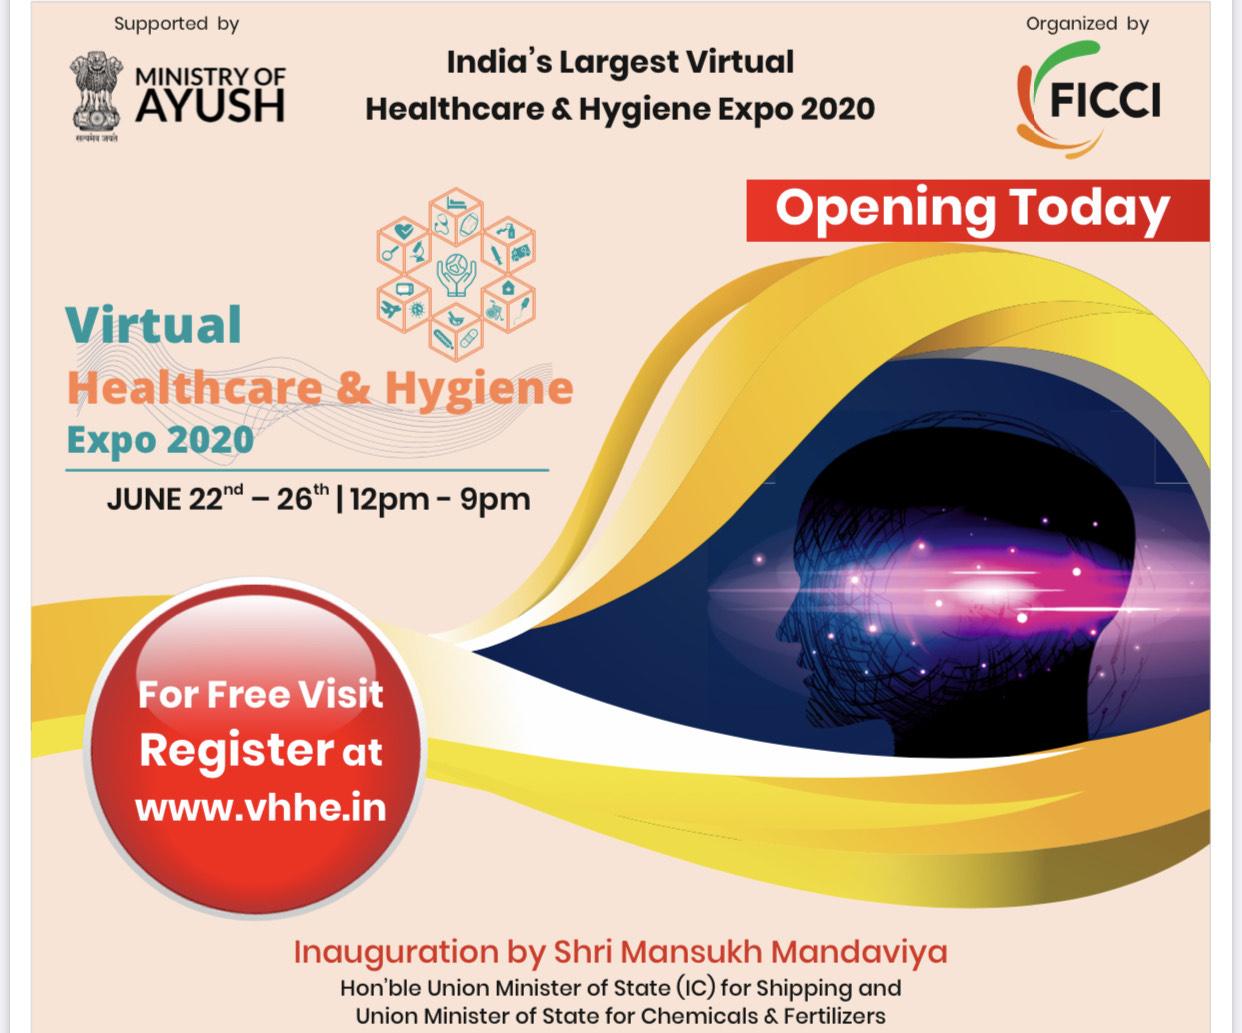 15 doanh nghiệp Việt Nam tham gia hội chợ trực tuyến đầu tiên tại Ấn Độ - Ảnh 1.